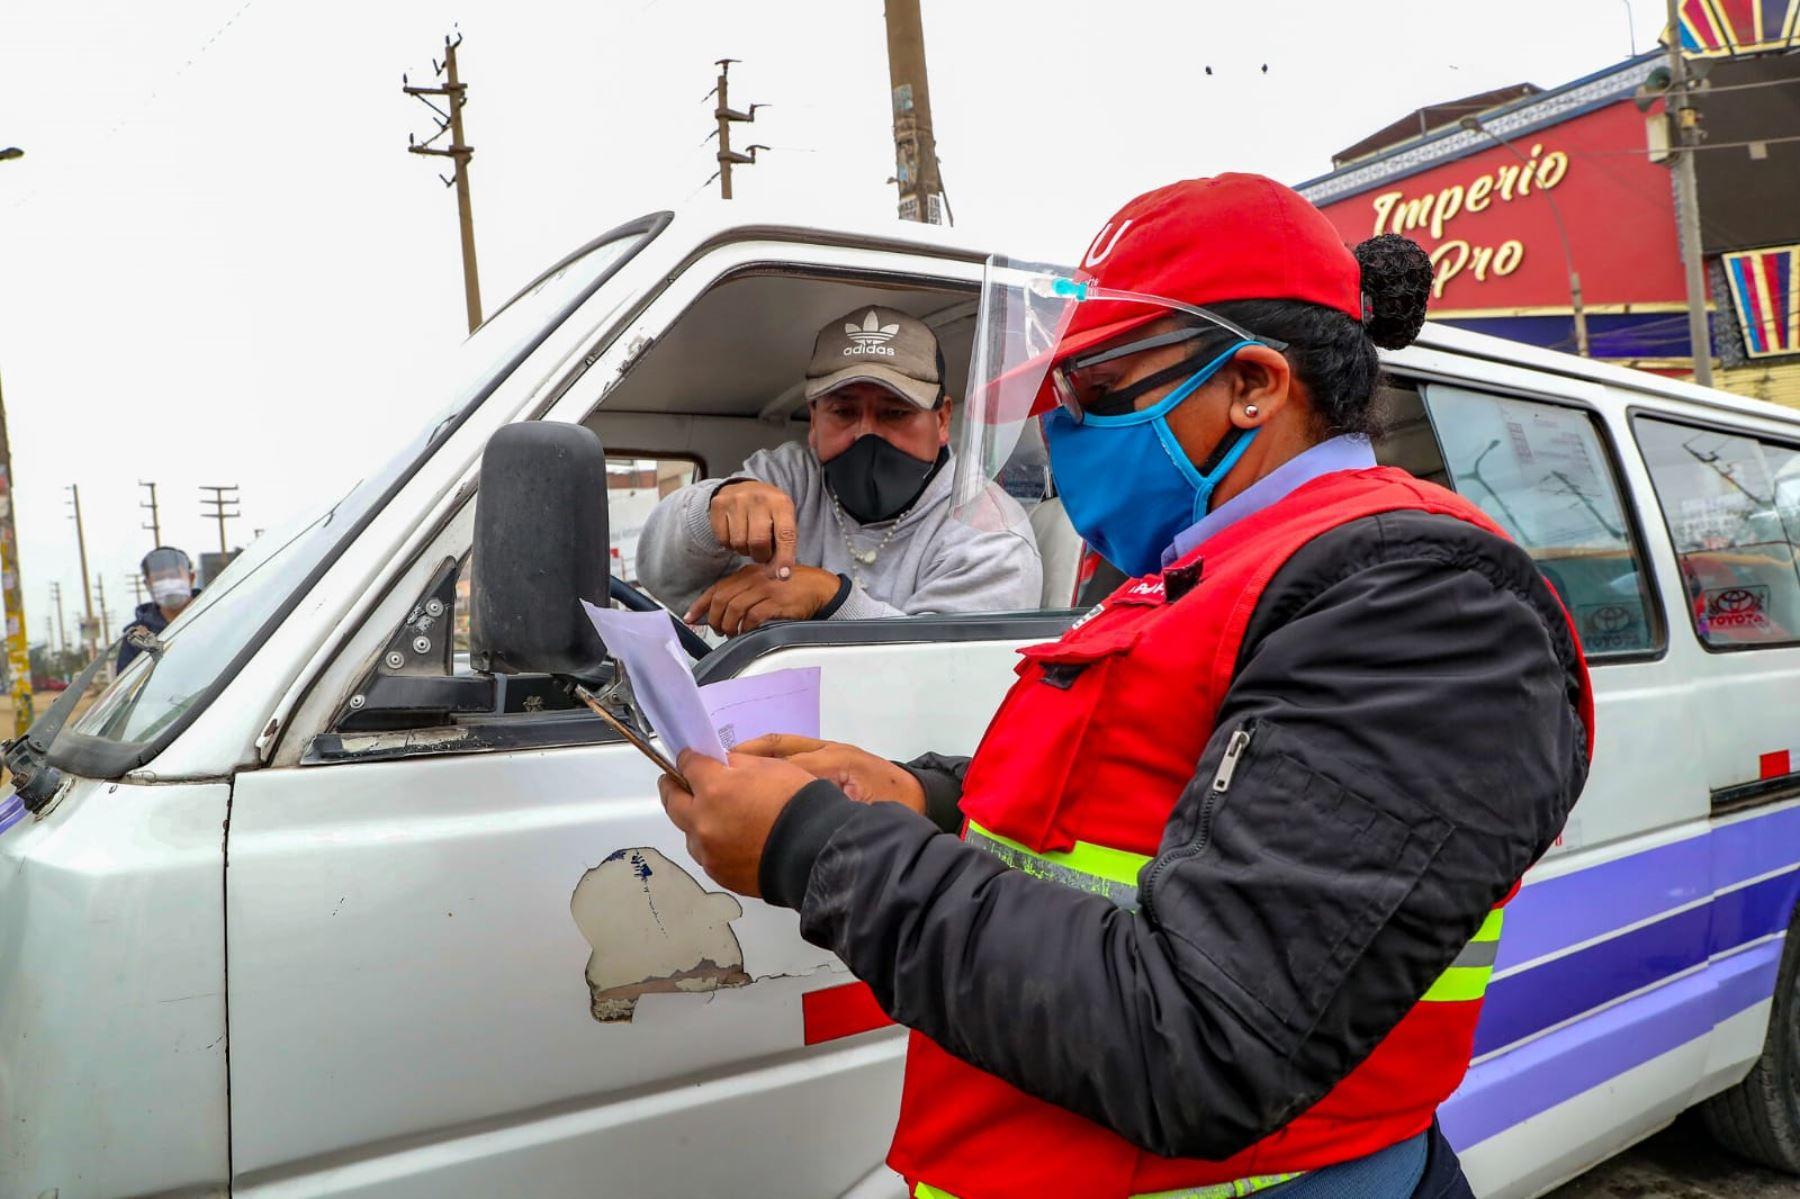 ¡Atención! ATU abre convocatoria para contratar a 300 nuevos fiscalizadores de transporte. Foto: ANDINA/Difusión.